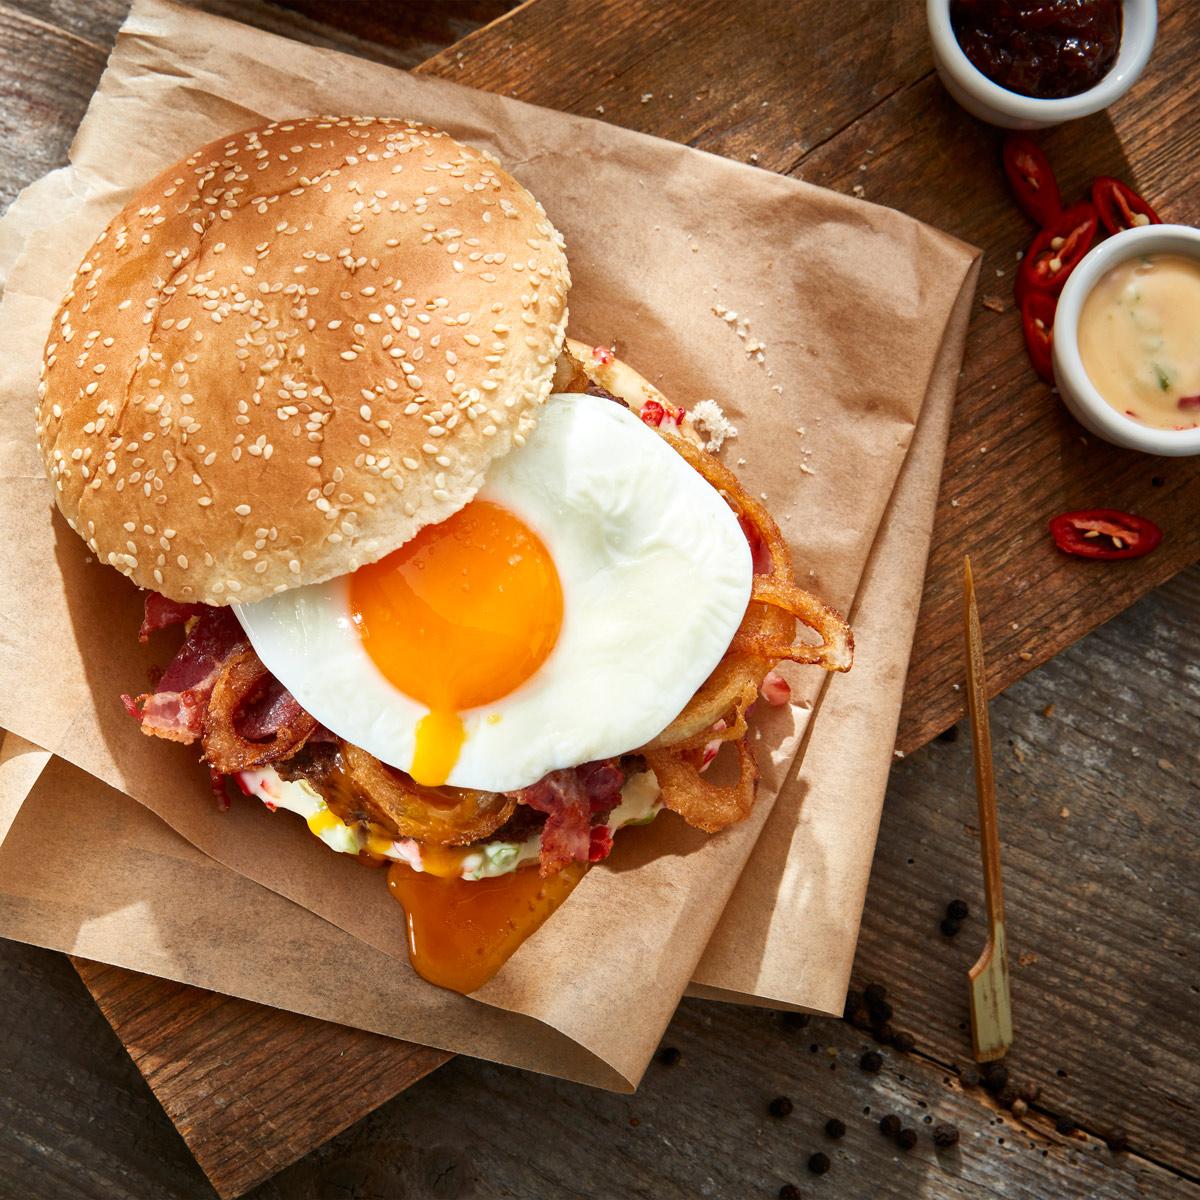 Leckerer Beefburger mit Spiegelei auf Holz serviert